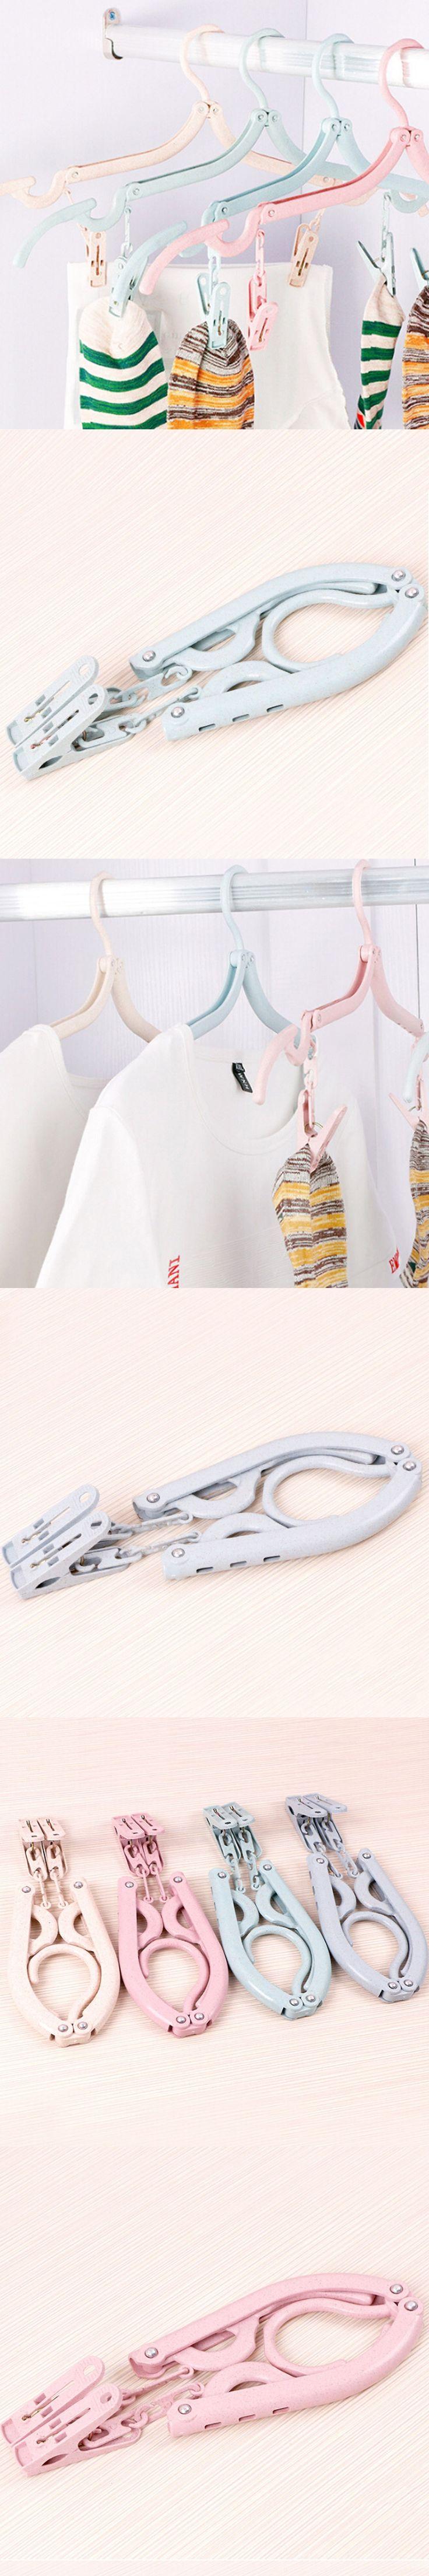 Die besten 25+ Kleiderbügel aus kunststoff Ideen auf Pinterest ...